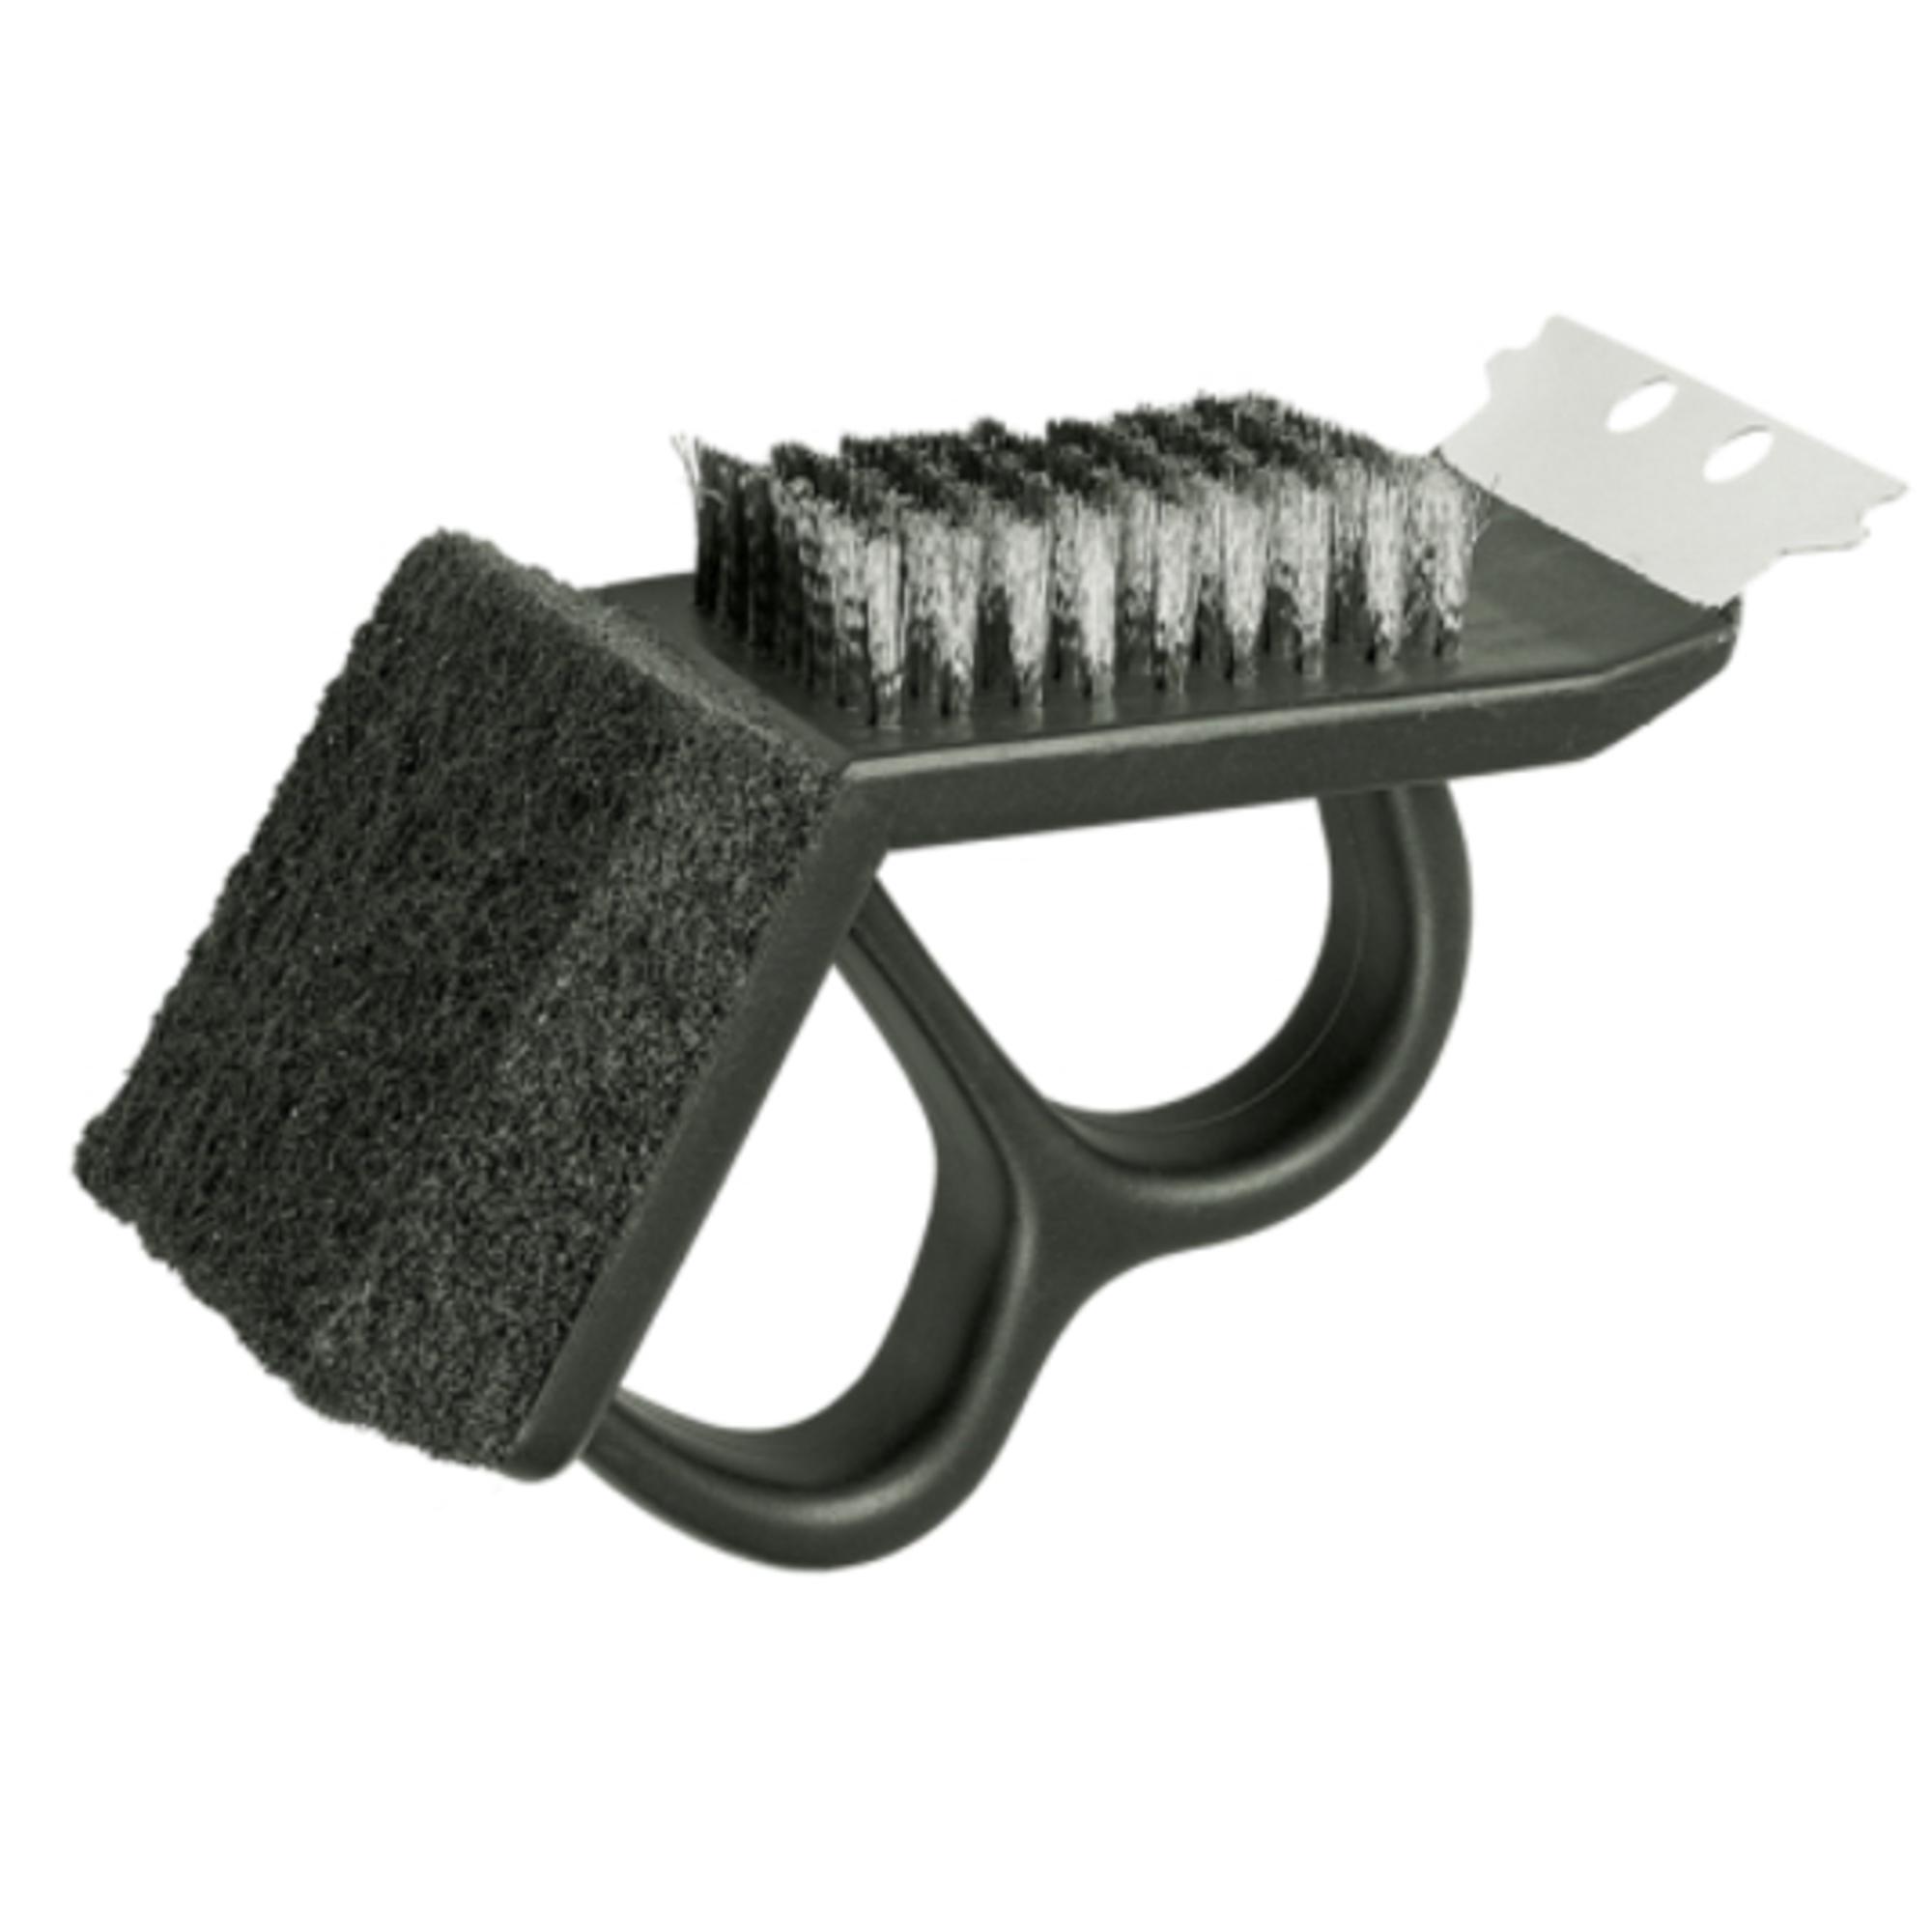 Щетка для чистки гриля Upeco/союзгриль